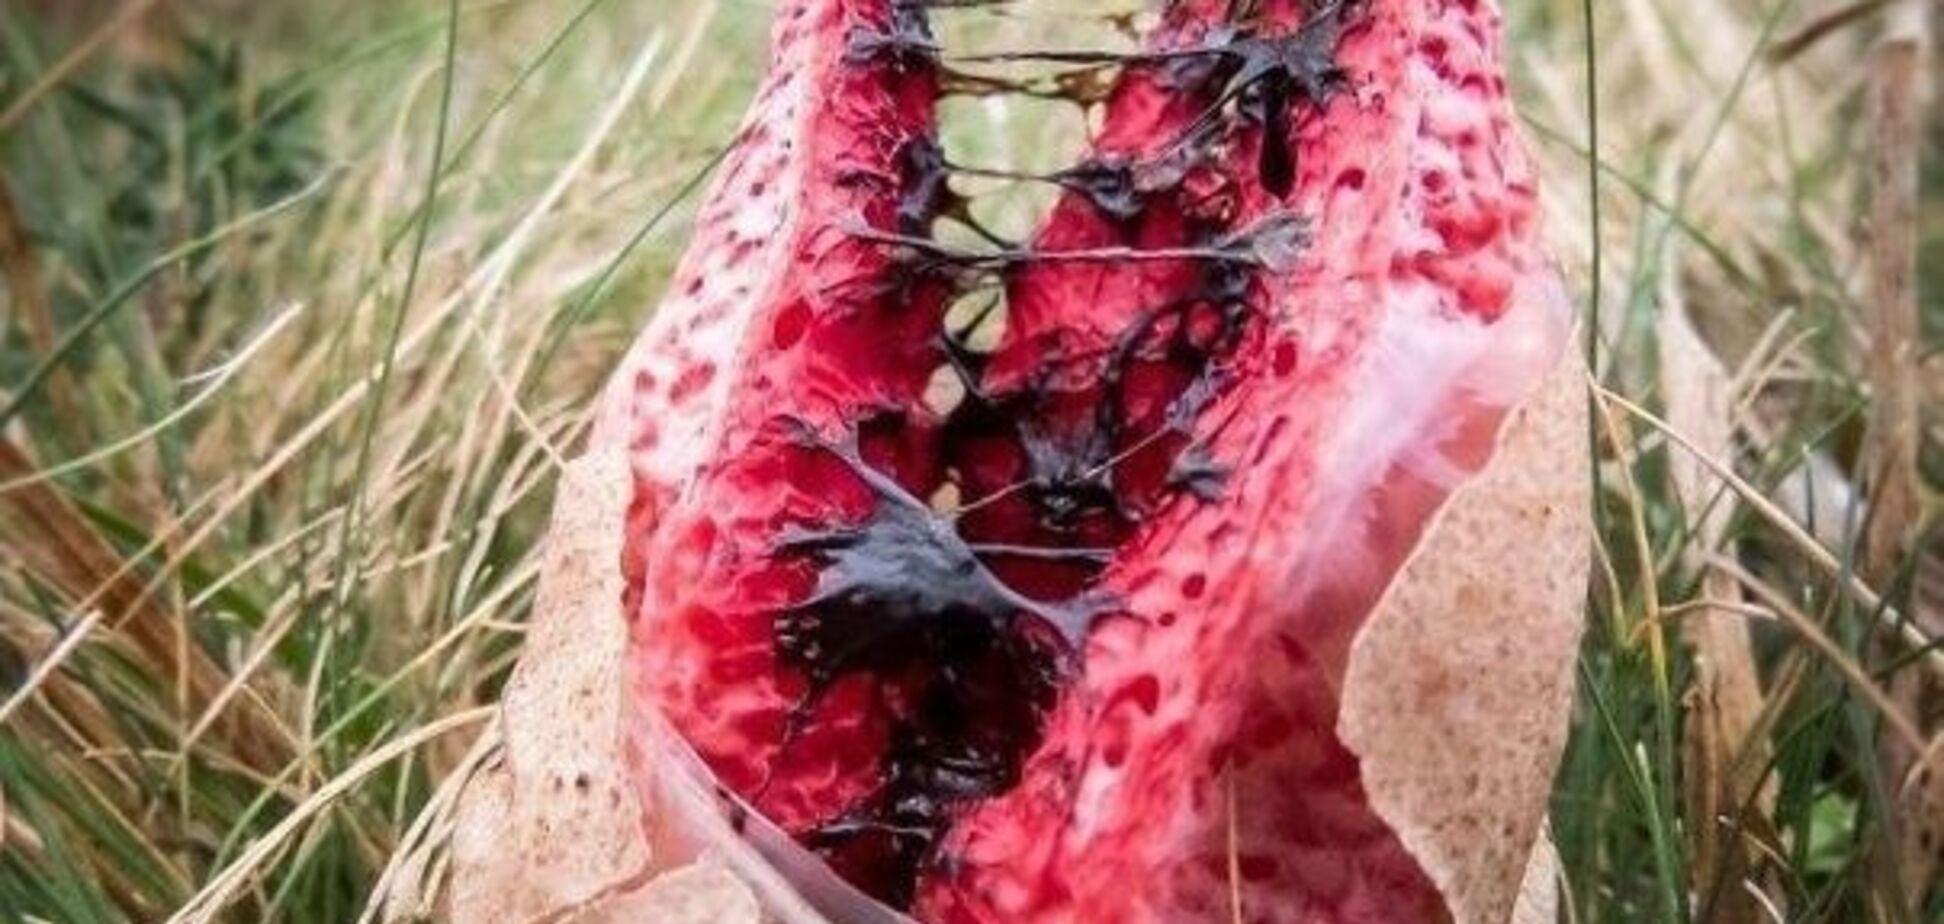 Пощекотать себе нервы: опубликованы 15 зловещих снимков природы